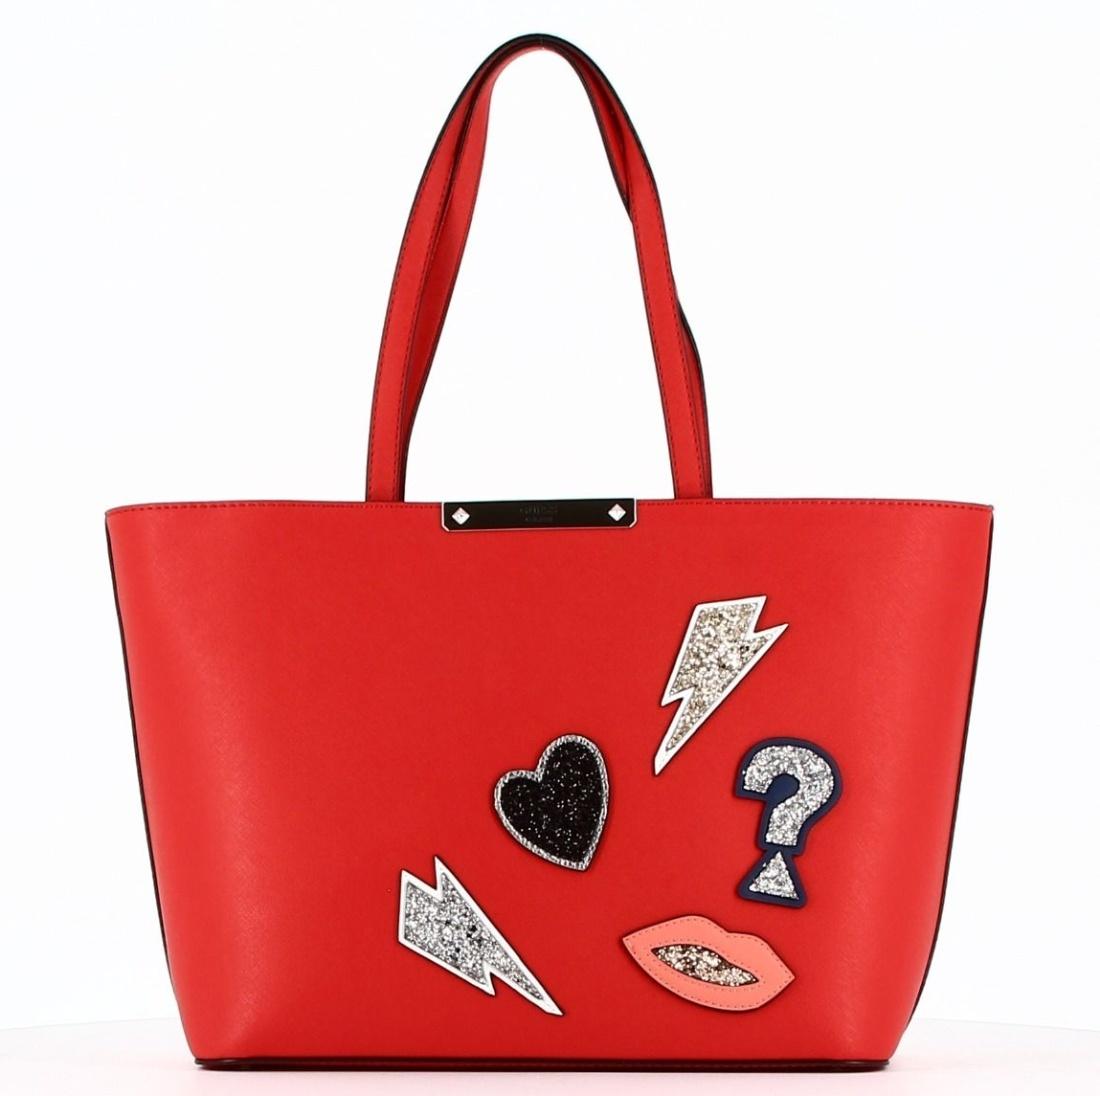 5b420eb2b8 Guess dámská červená kabelka Britta - Mode.cz